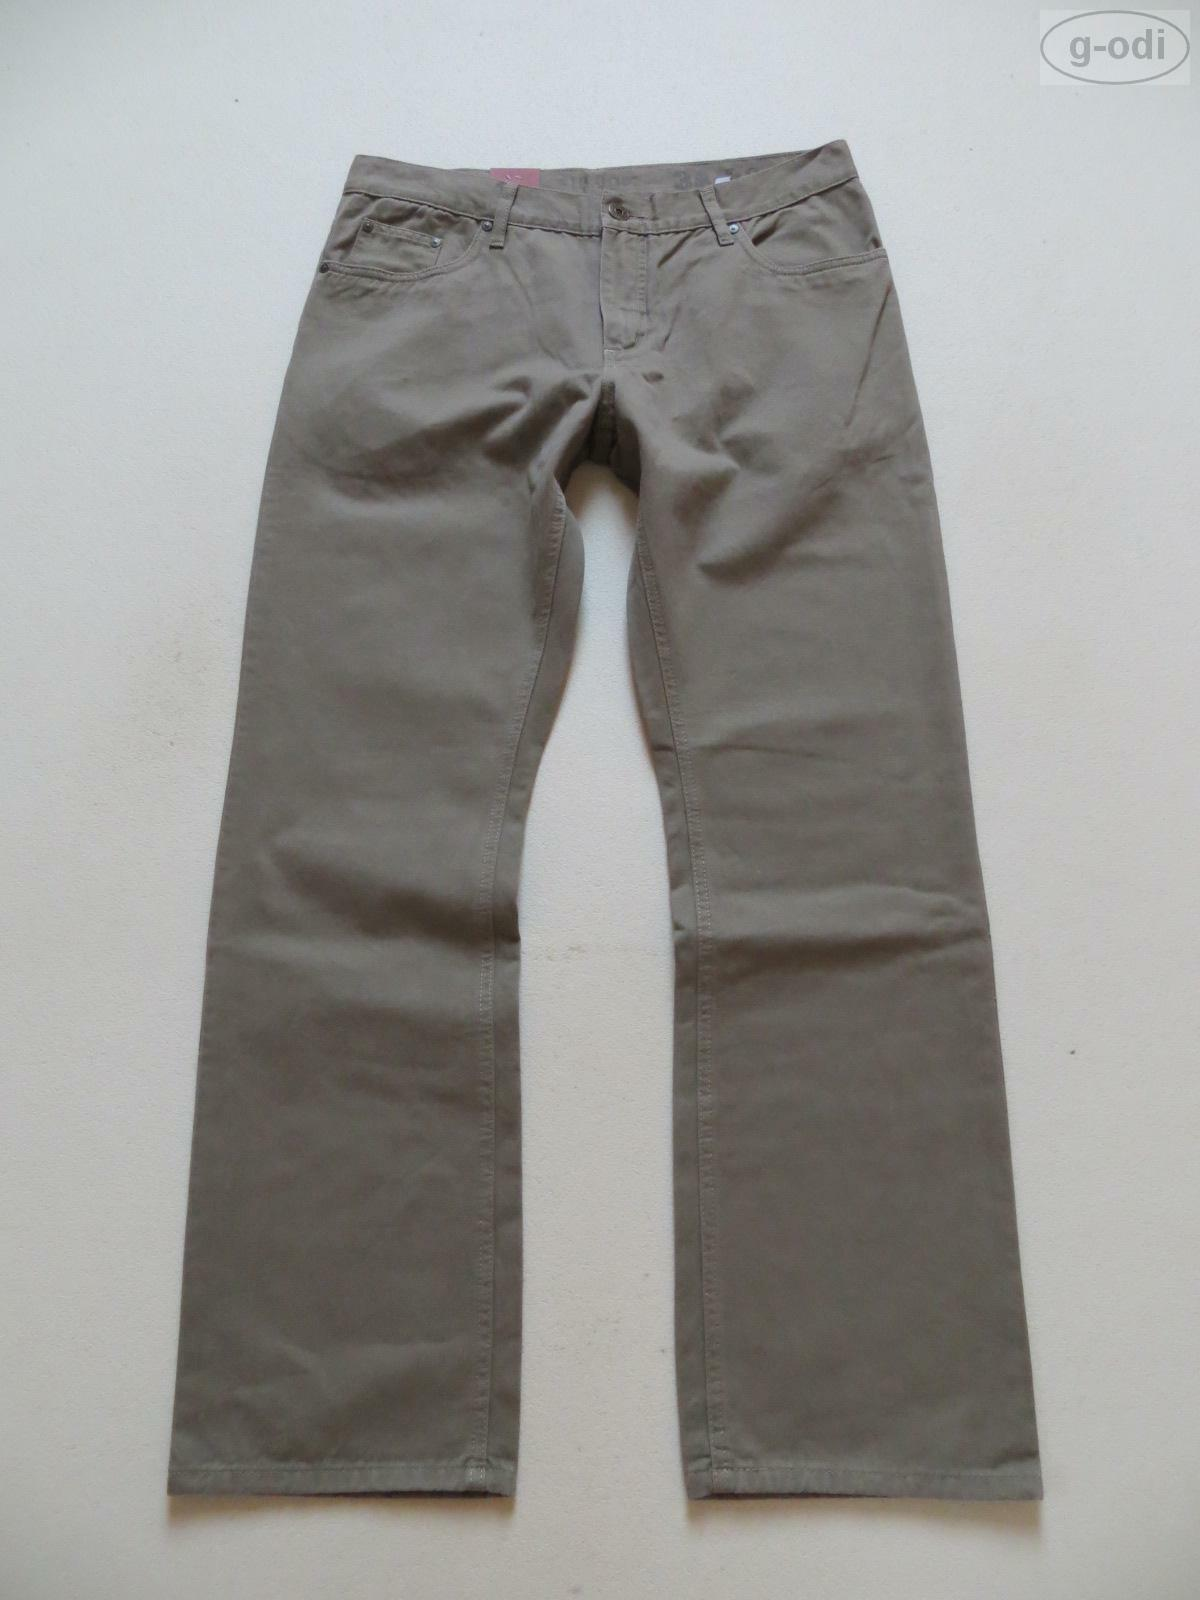 HERO Medoox DENVER Jeans Hose, W 34  L 32, NEU   Coloured Denim, Trend Farbe